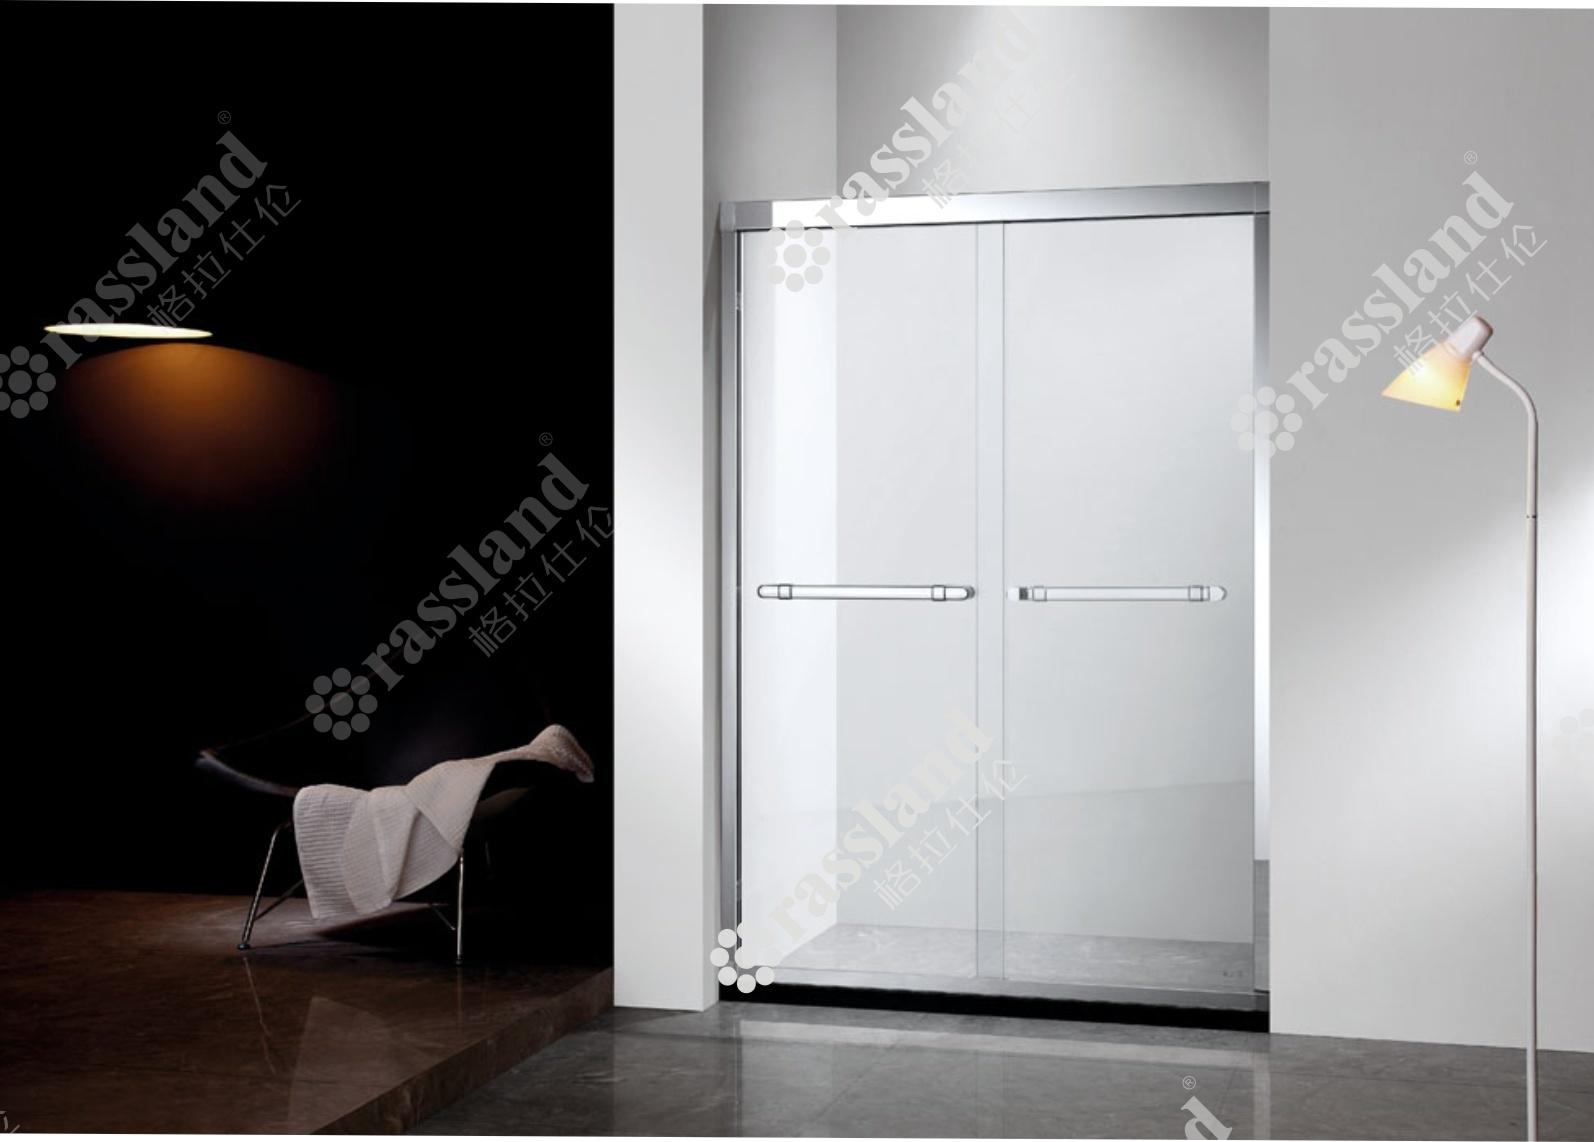 L'hotel facile monta lo schermo di acquazzone semplice a ruote del bagno di vetro Tempered dell'acciaio inossidabile 304